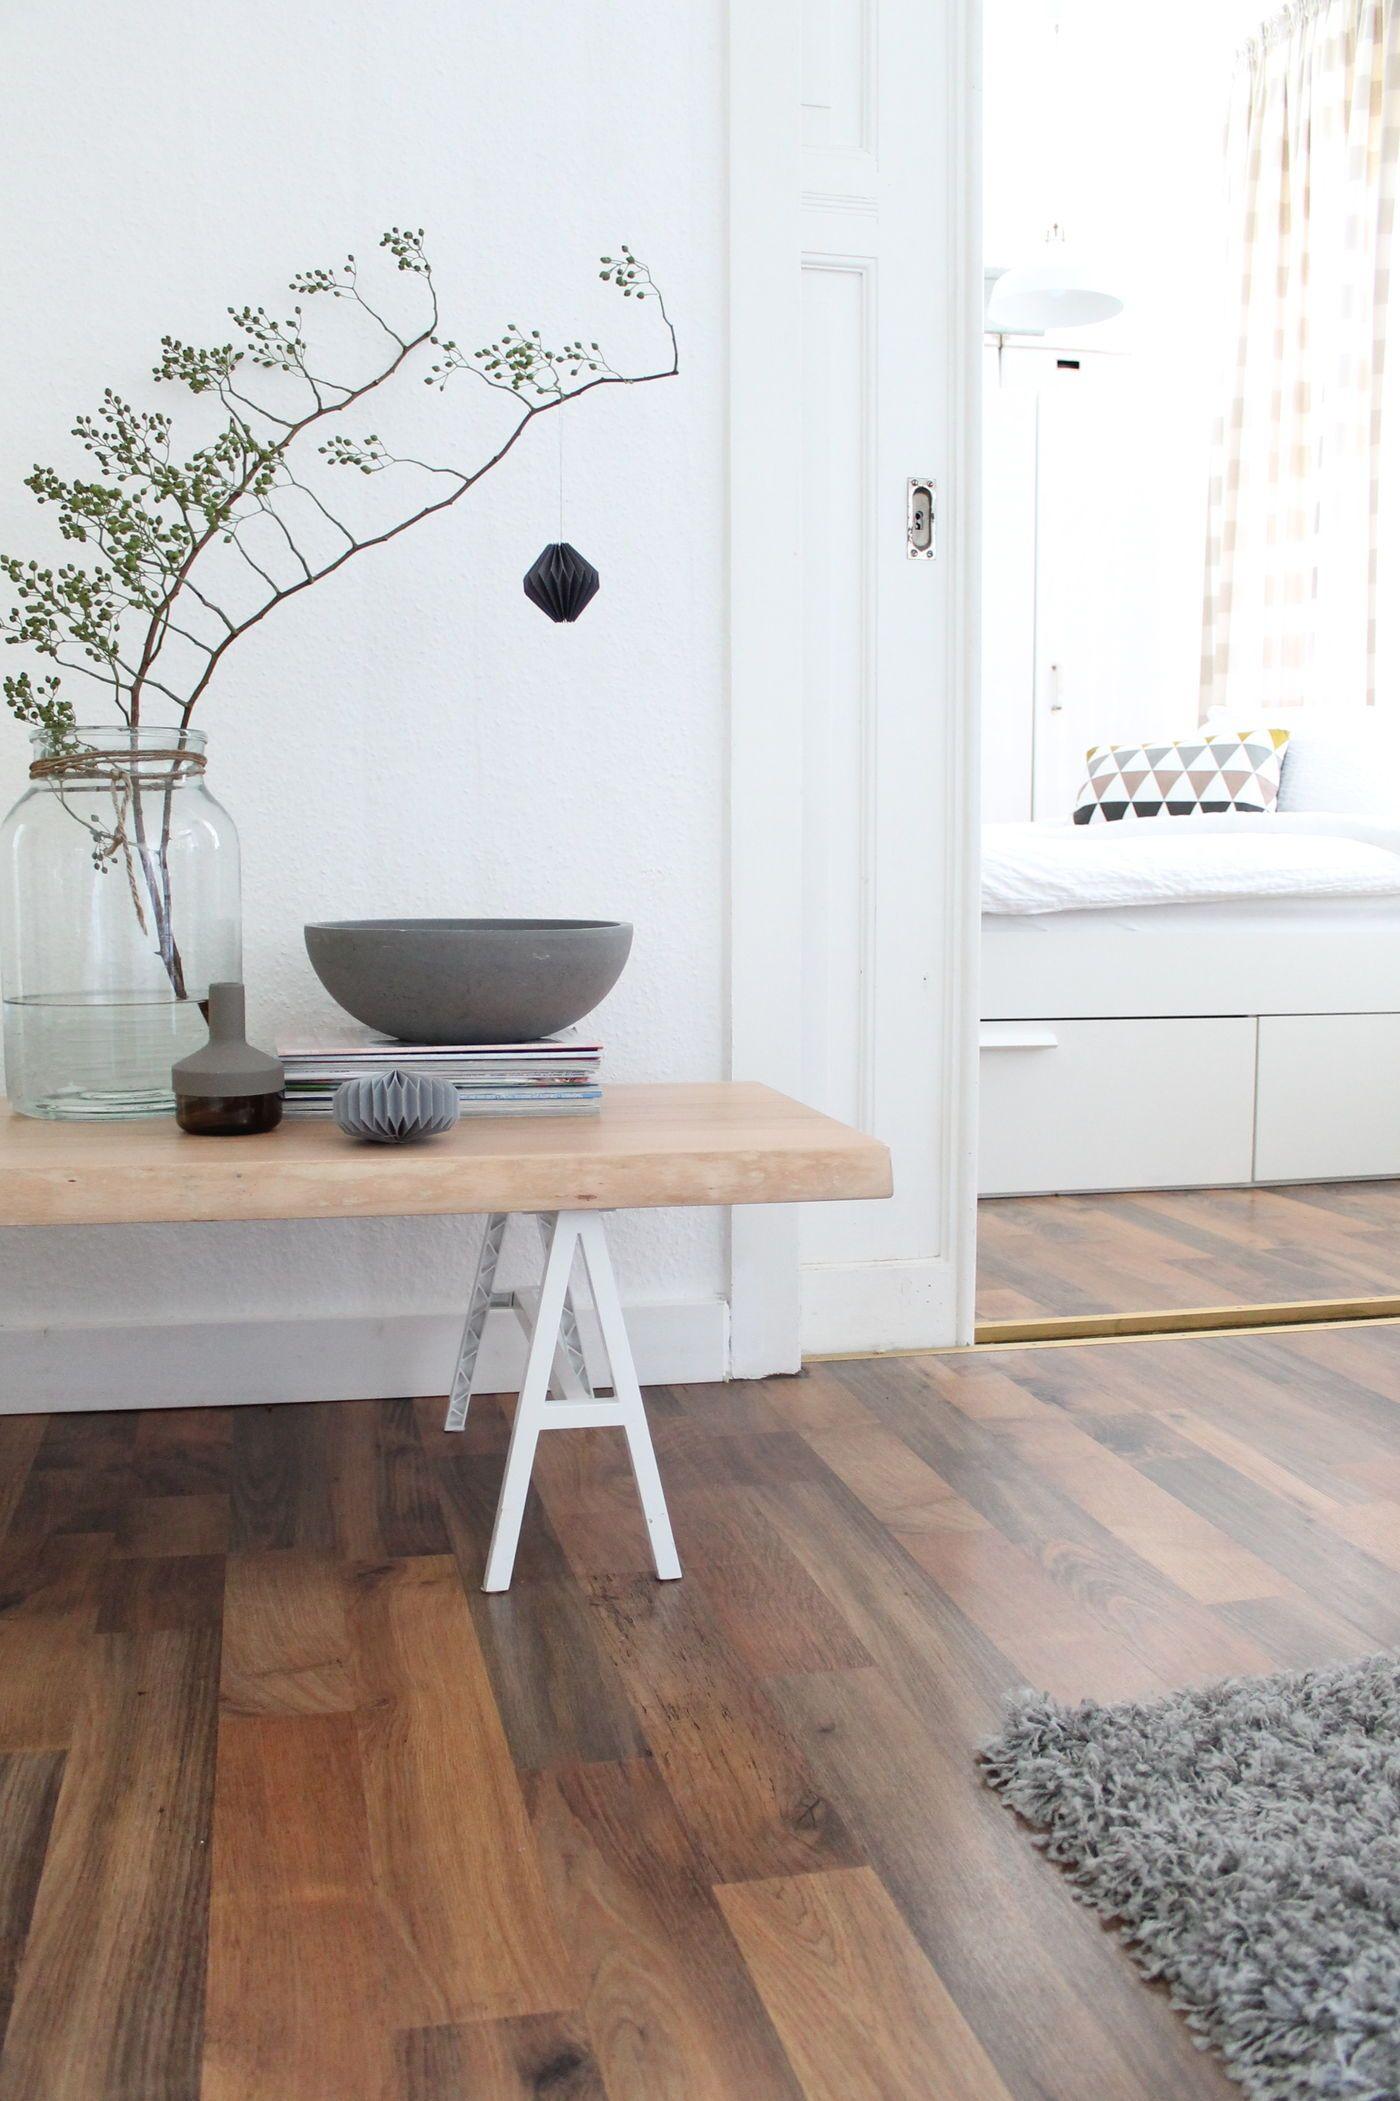 die sch nsten ideen f r deine herbstdeko seite 10. Black Bedroom Furniture Sets. Home Design Ideas